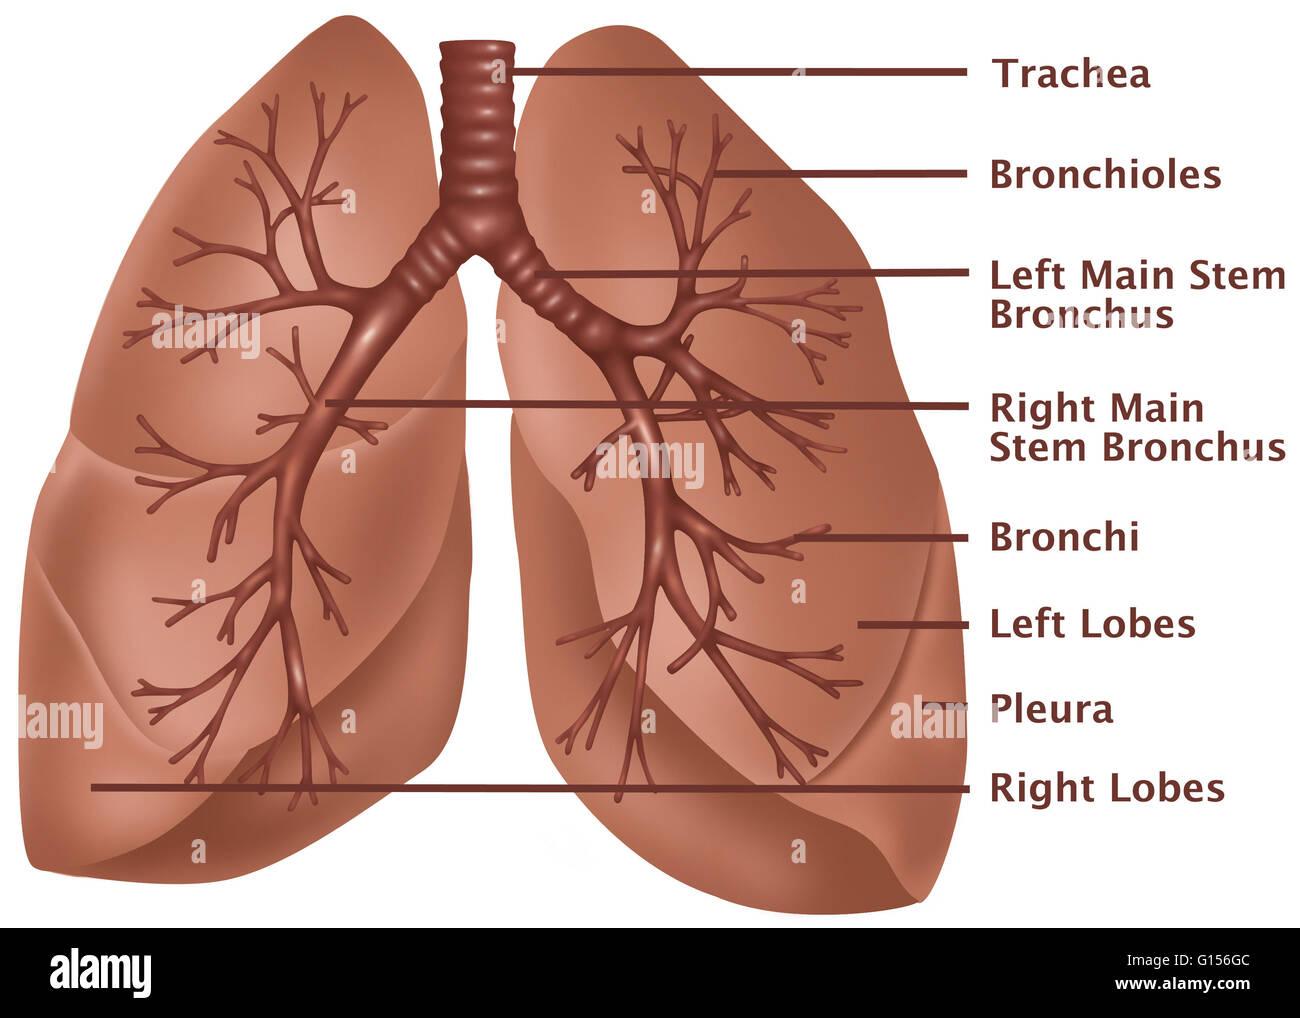 Anatomische Abbildung der Lunge, mit (von oben nach unten) die ...